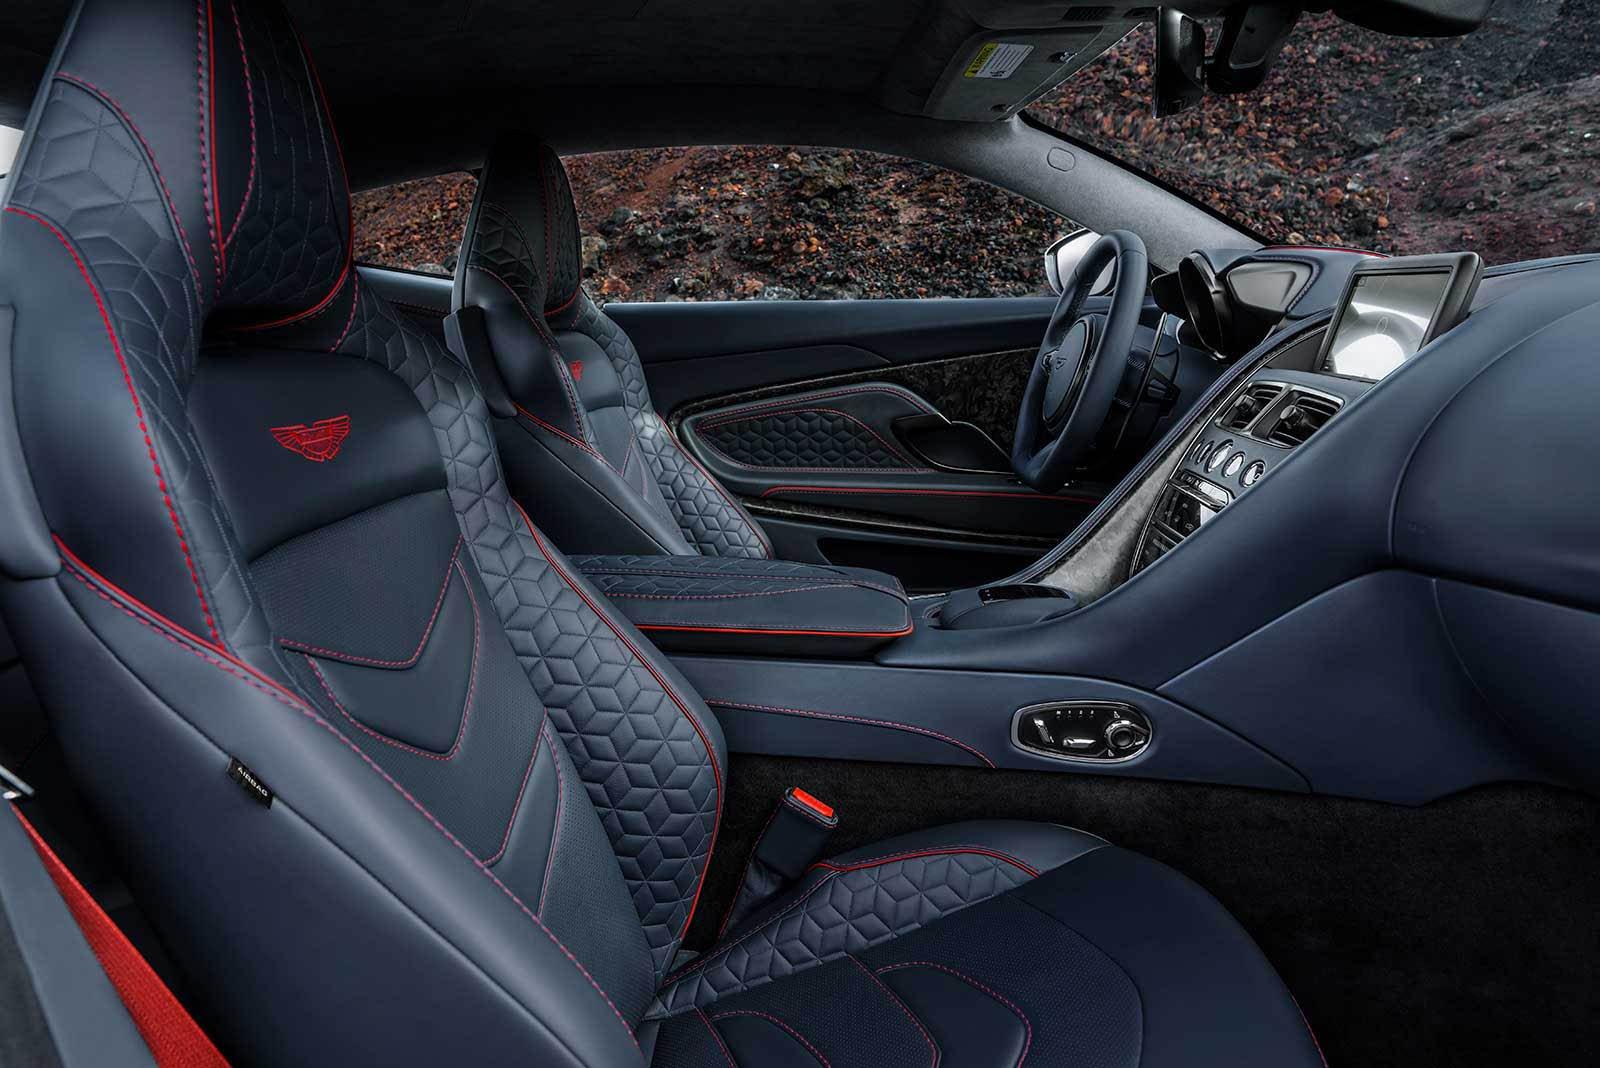 Aston Martin DBS Superleggera 2019 (26)